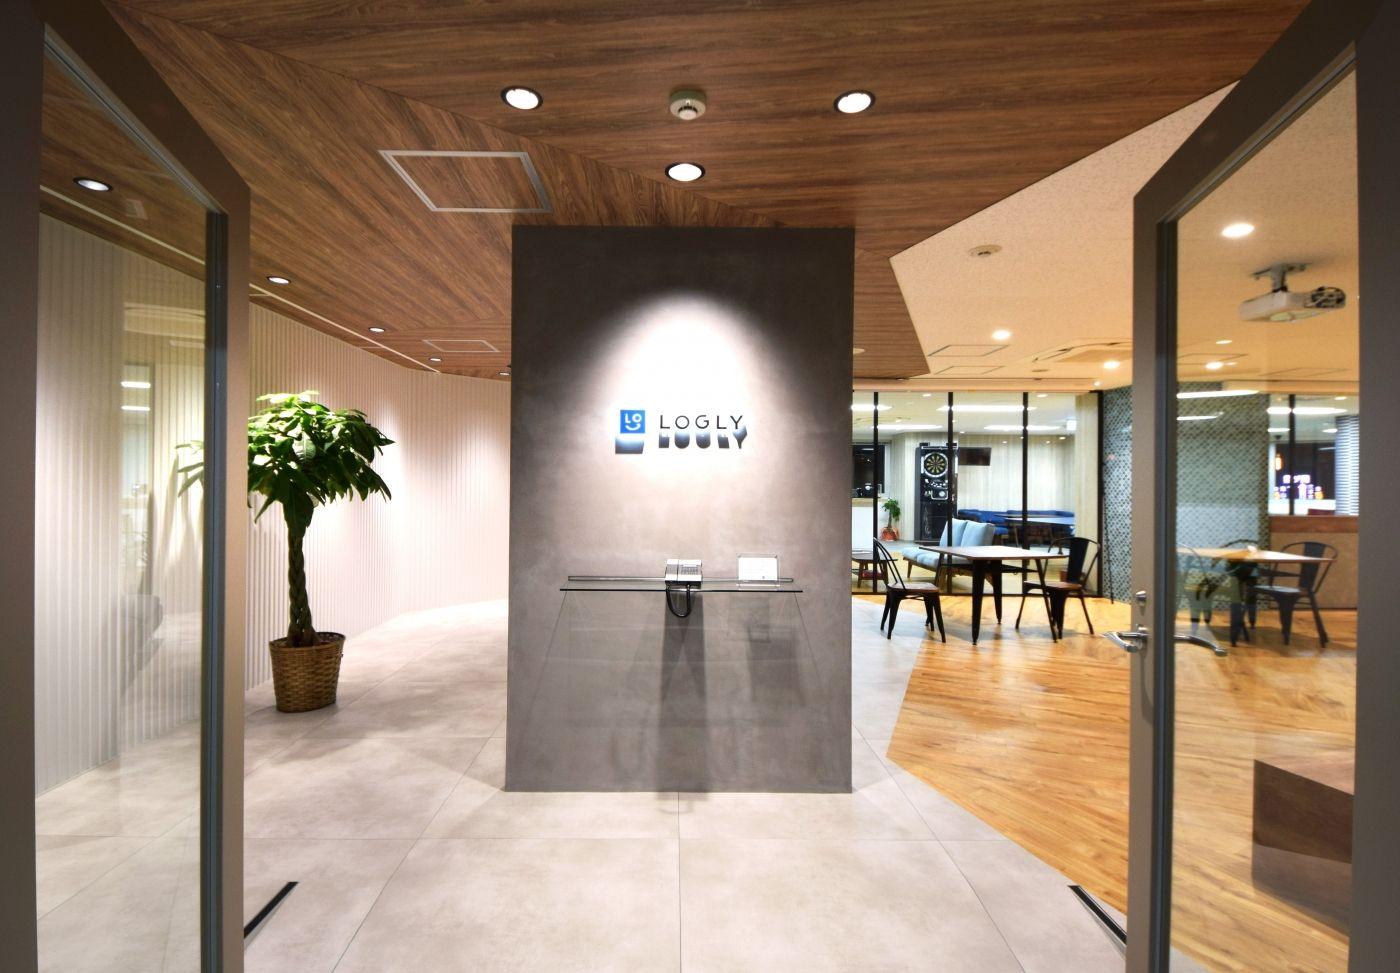 素材感が引き立つ 明るく見晴らしの良いオフィス デザイナーズオフィスのヴィス オフィスレイアウト オフィスデザイン オフィスインテリア